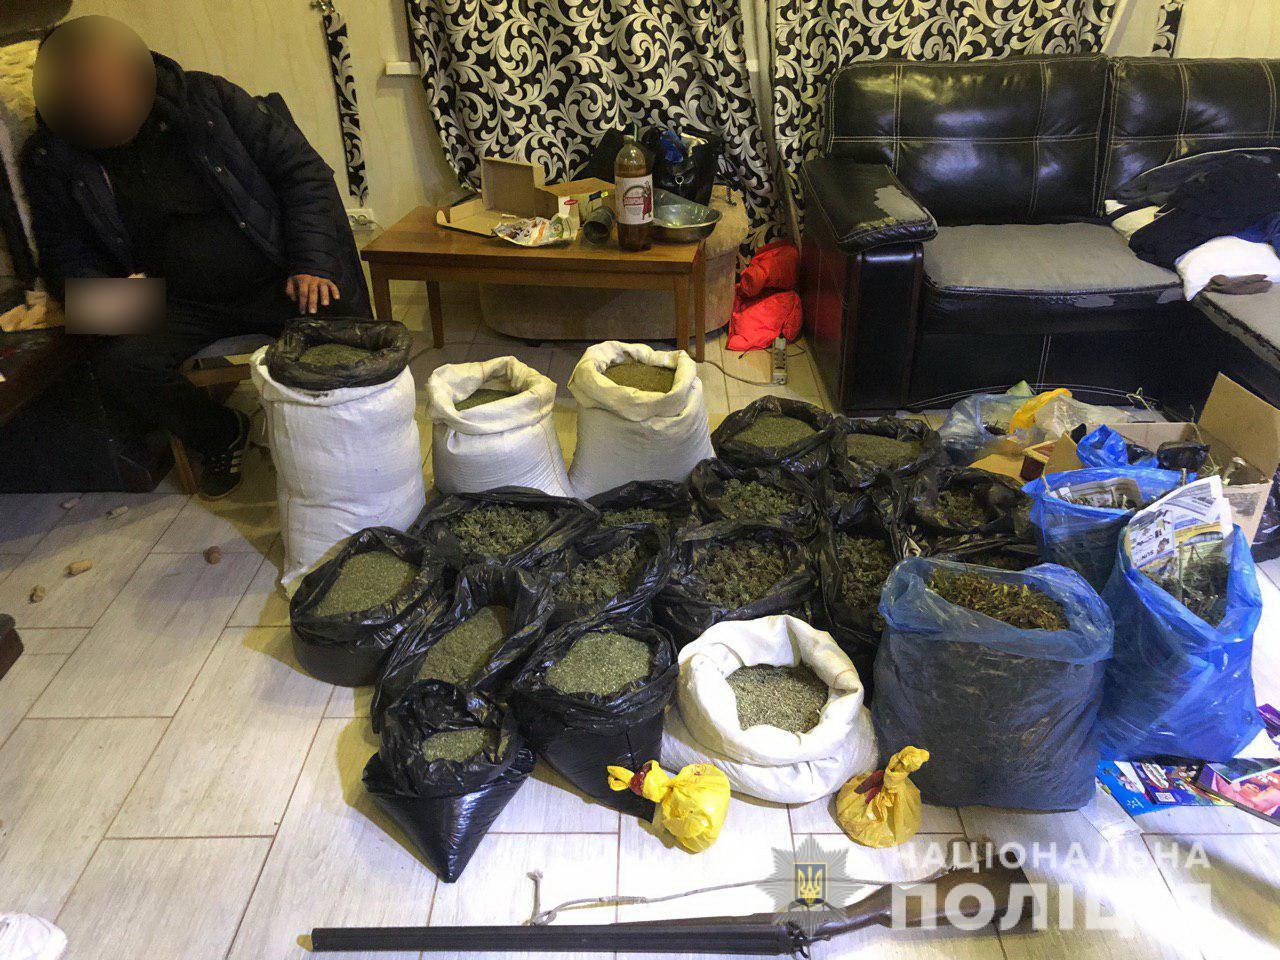 Конопля на миллион гривен у бывшего полицейского – задержан наркоторговец (фото)